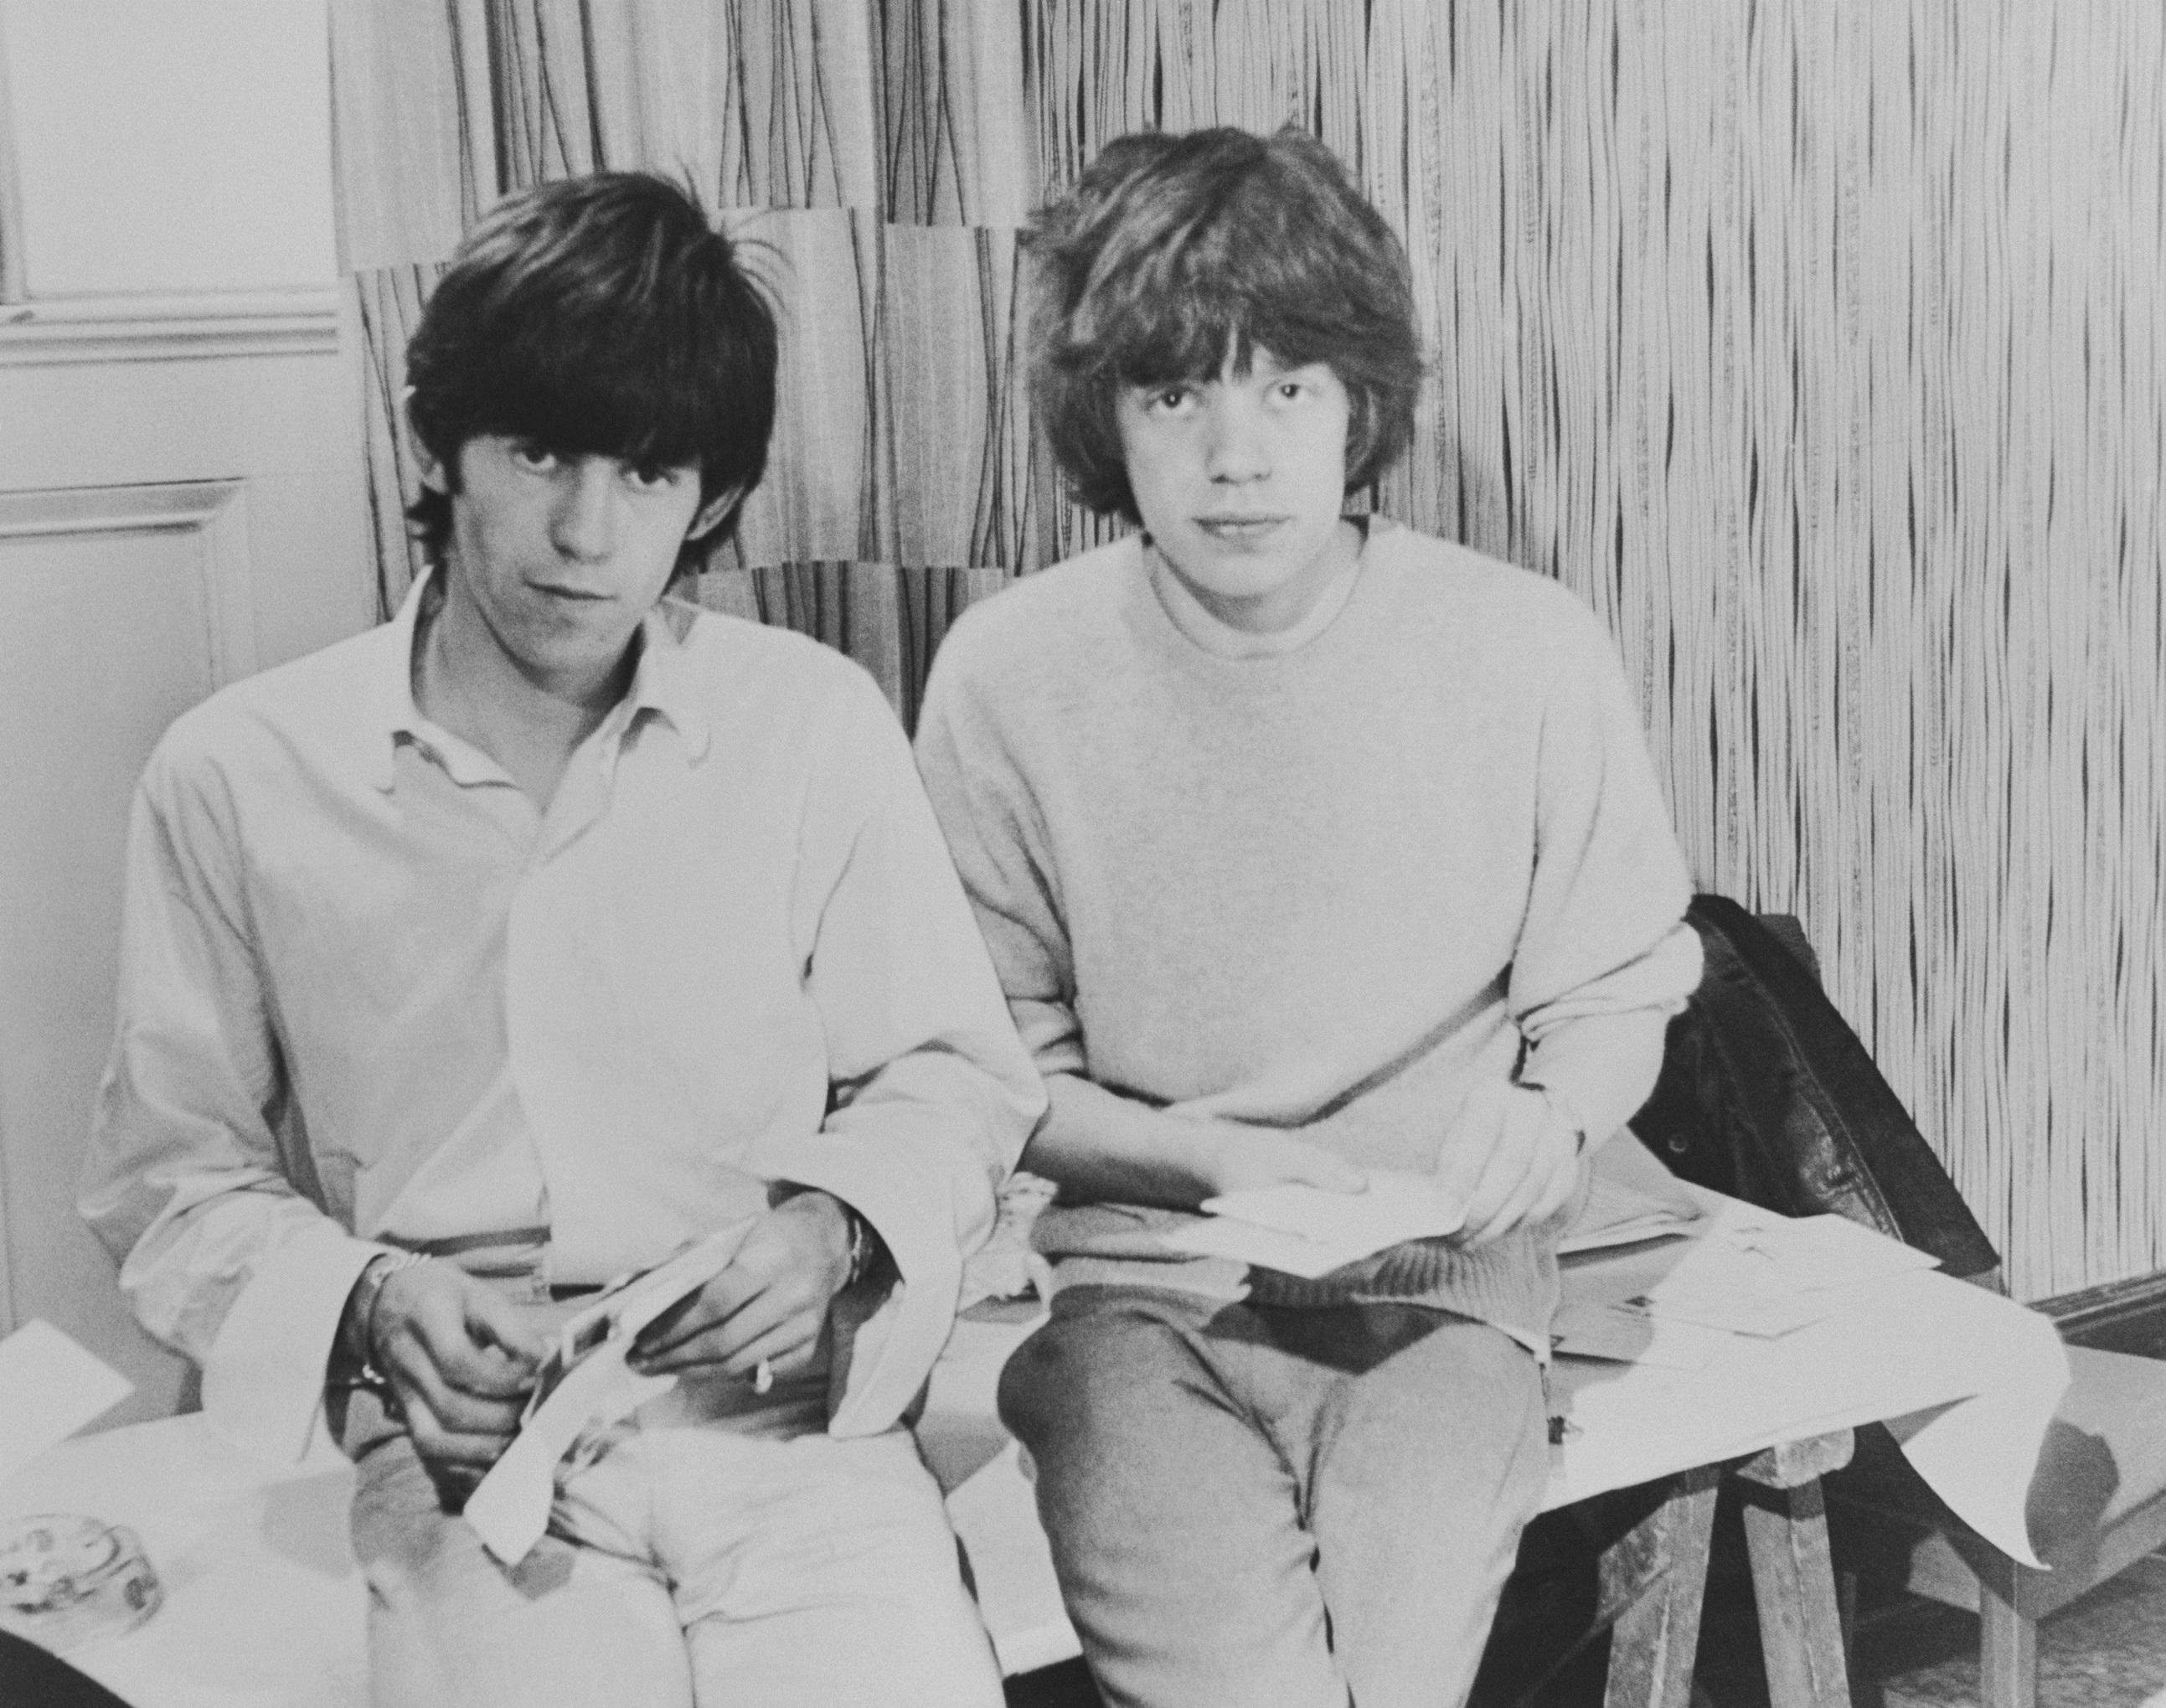 Mick Jagger circa 1963